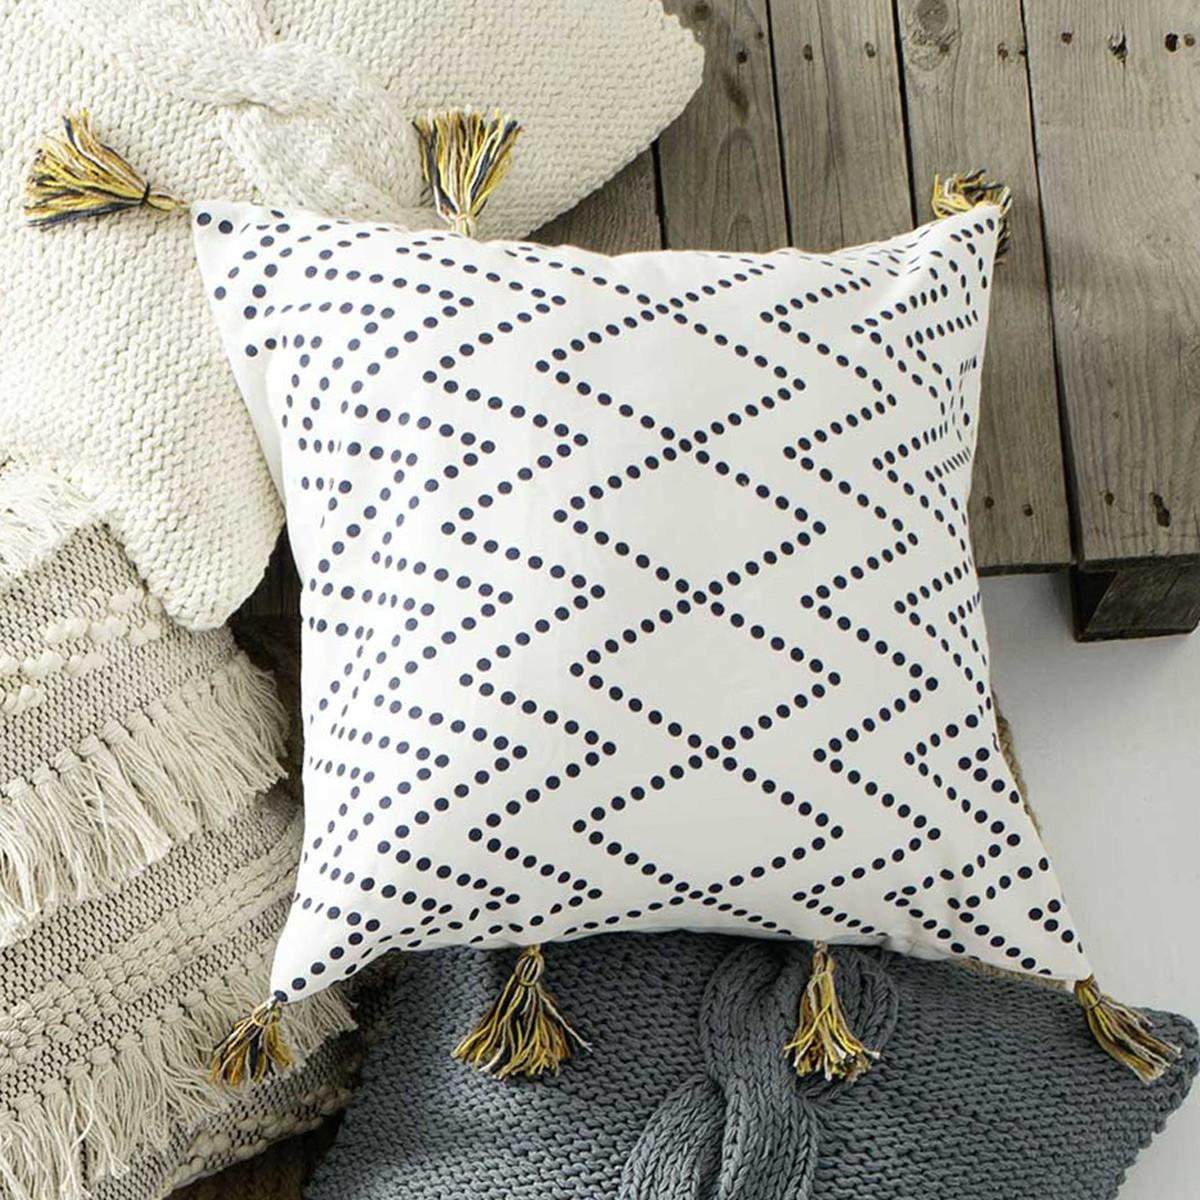 Διακοσμητική Μαξιλαροθήκη Nima Cushions Calista